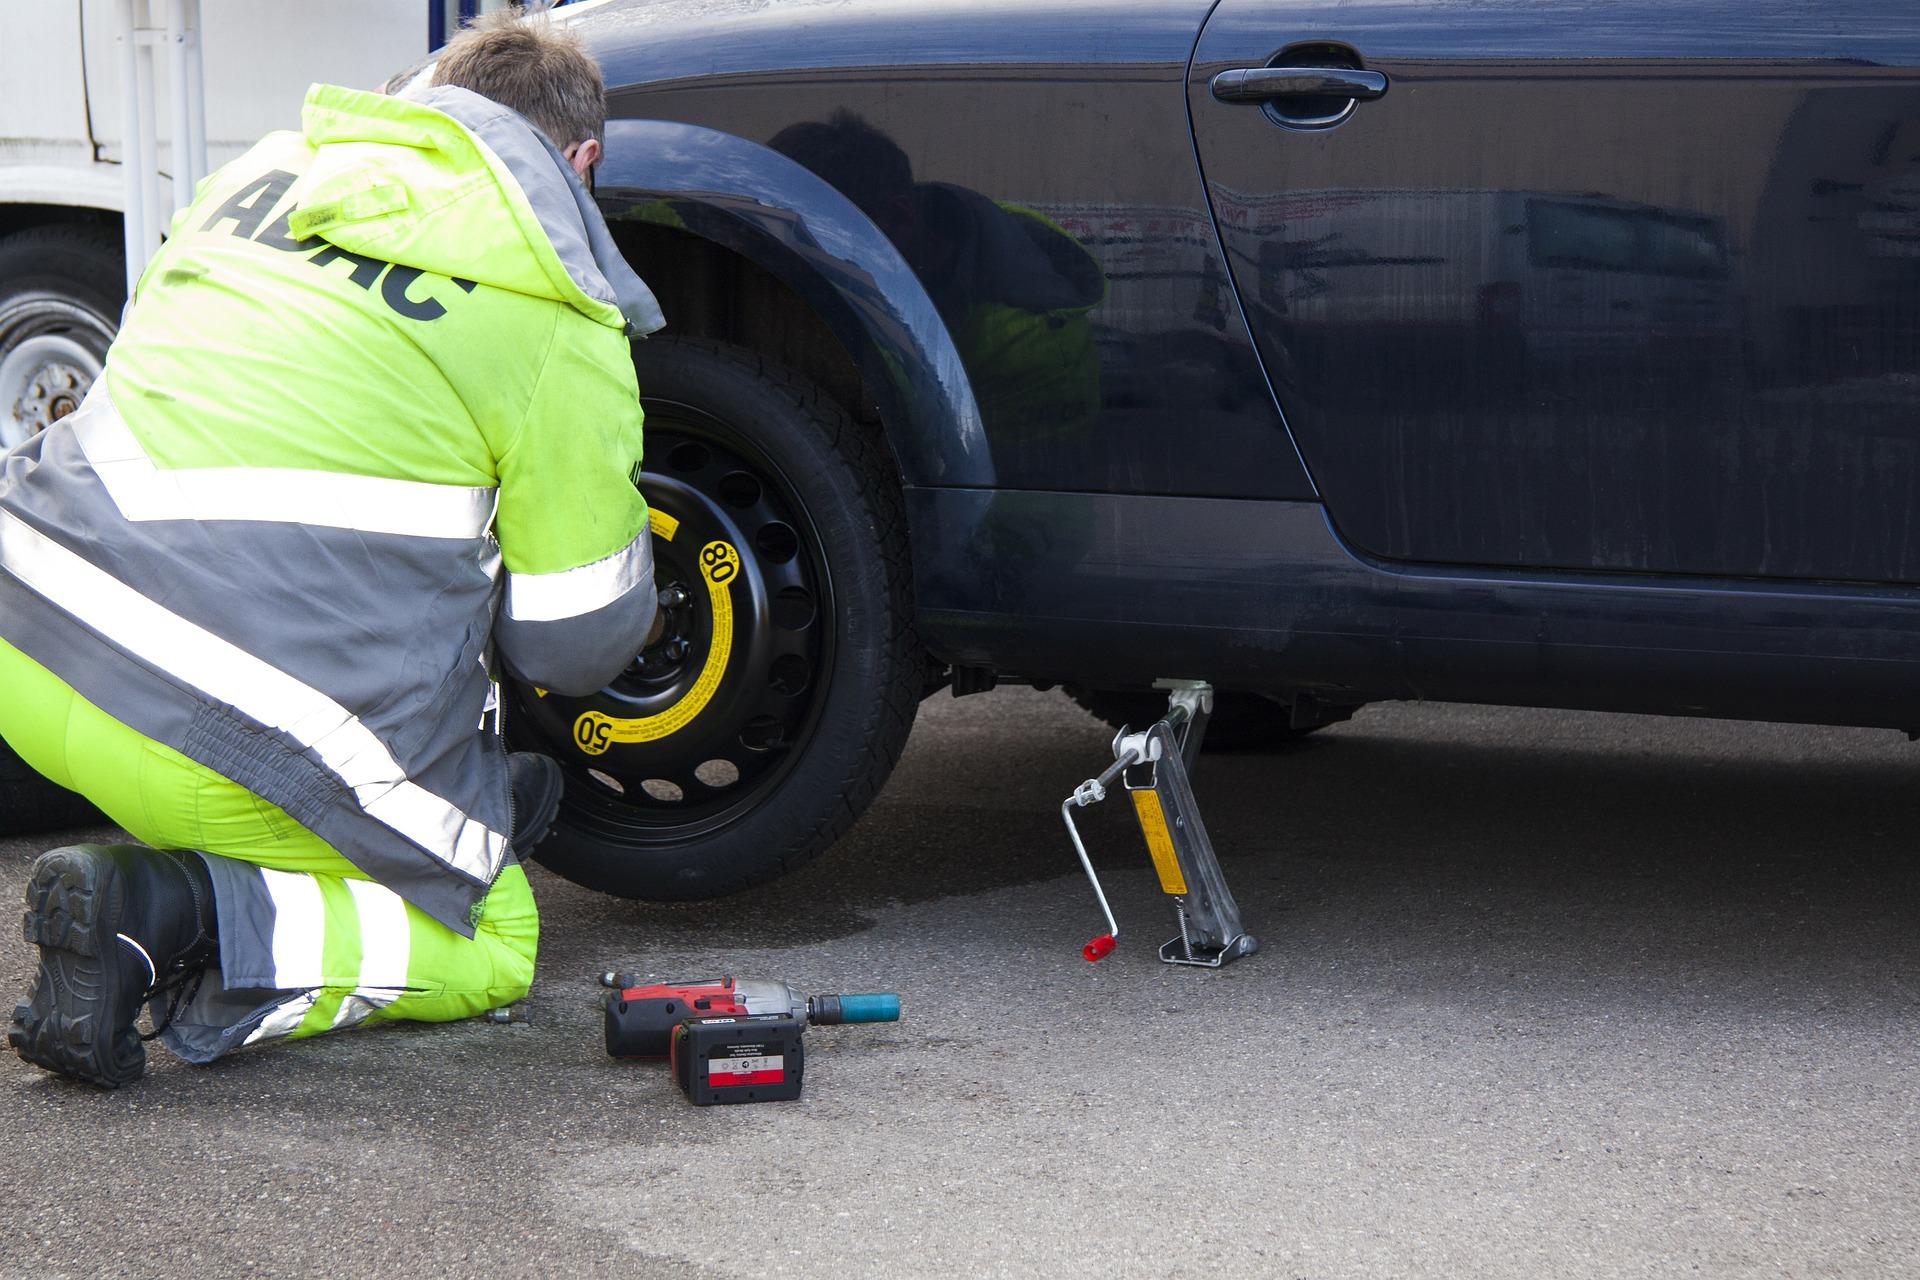 【車のトラブル対処方法】タイヤがパンクしてしまった!修理できるパンクとできないパンクとは?応急処置はどうすればよい?